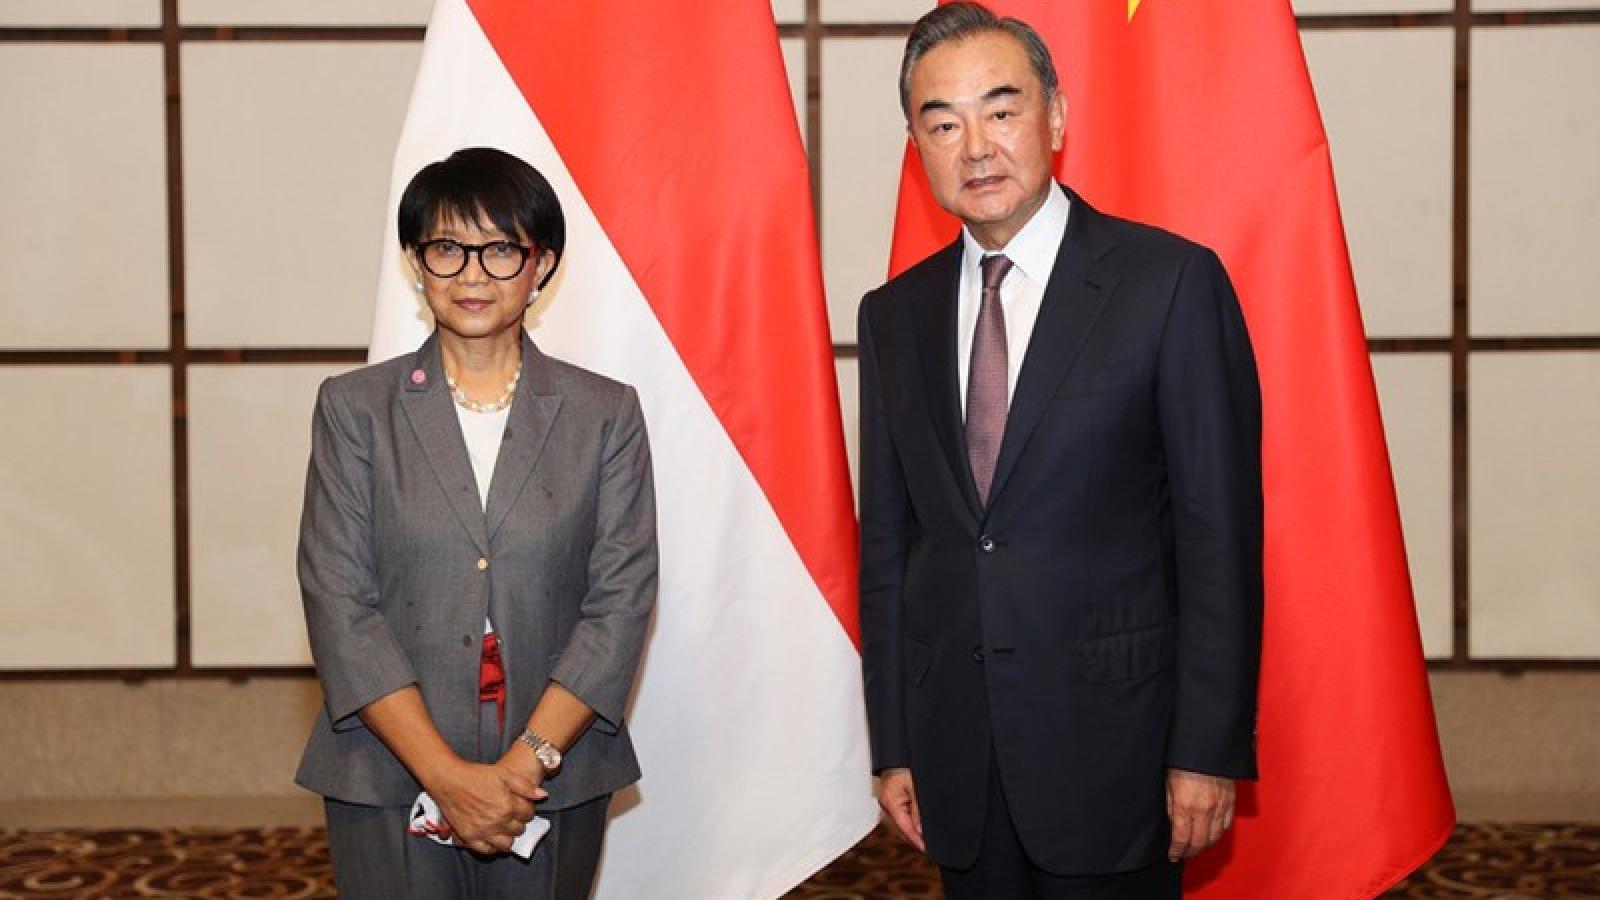 Ngoại trưởng Indonesia kêu gọi Trung Quốc tuân thủ luật pháp về Biển Đông